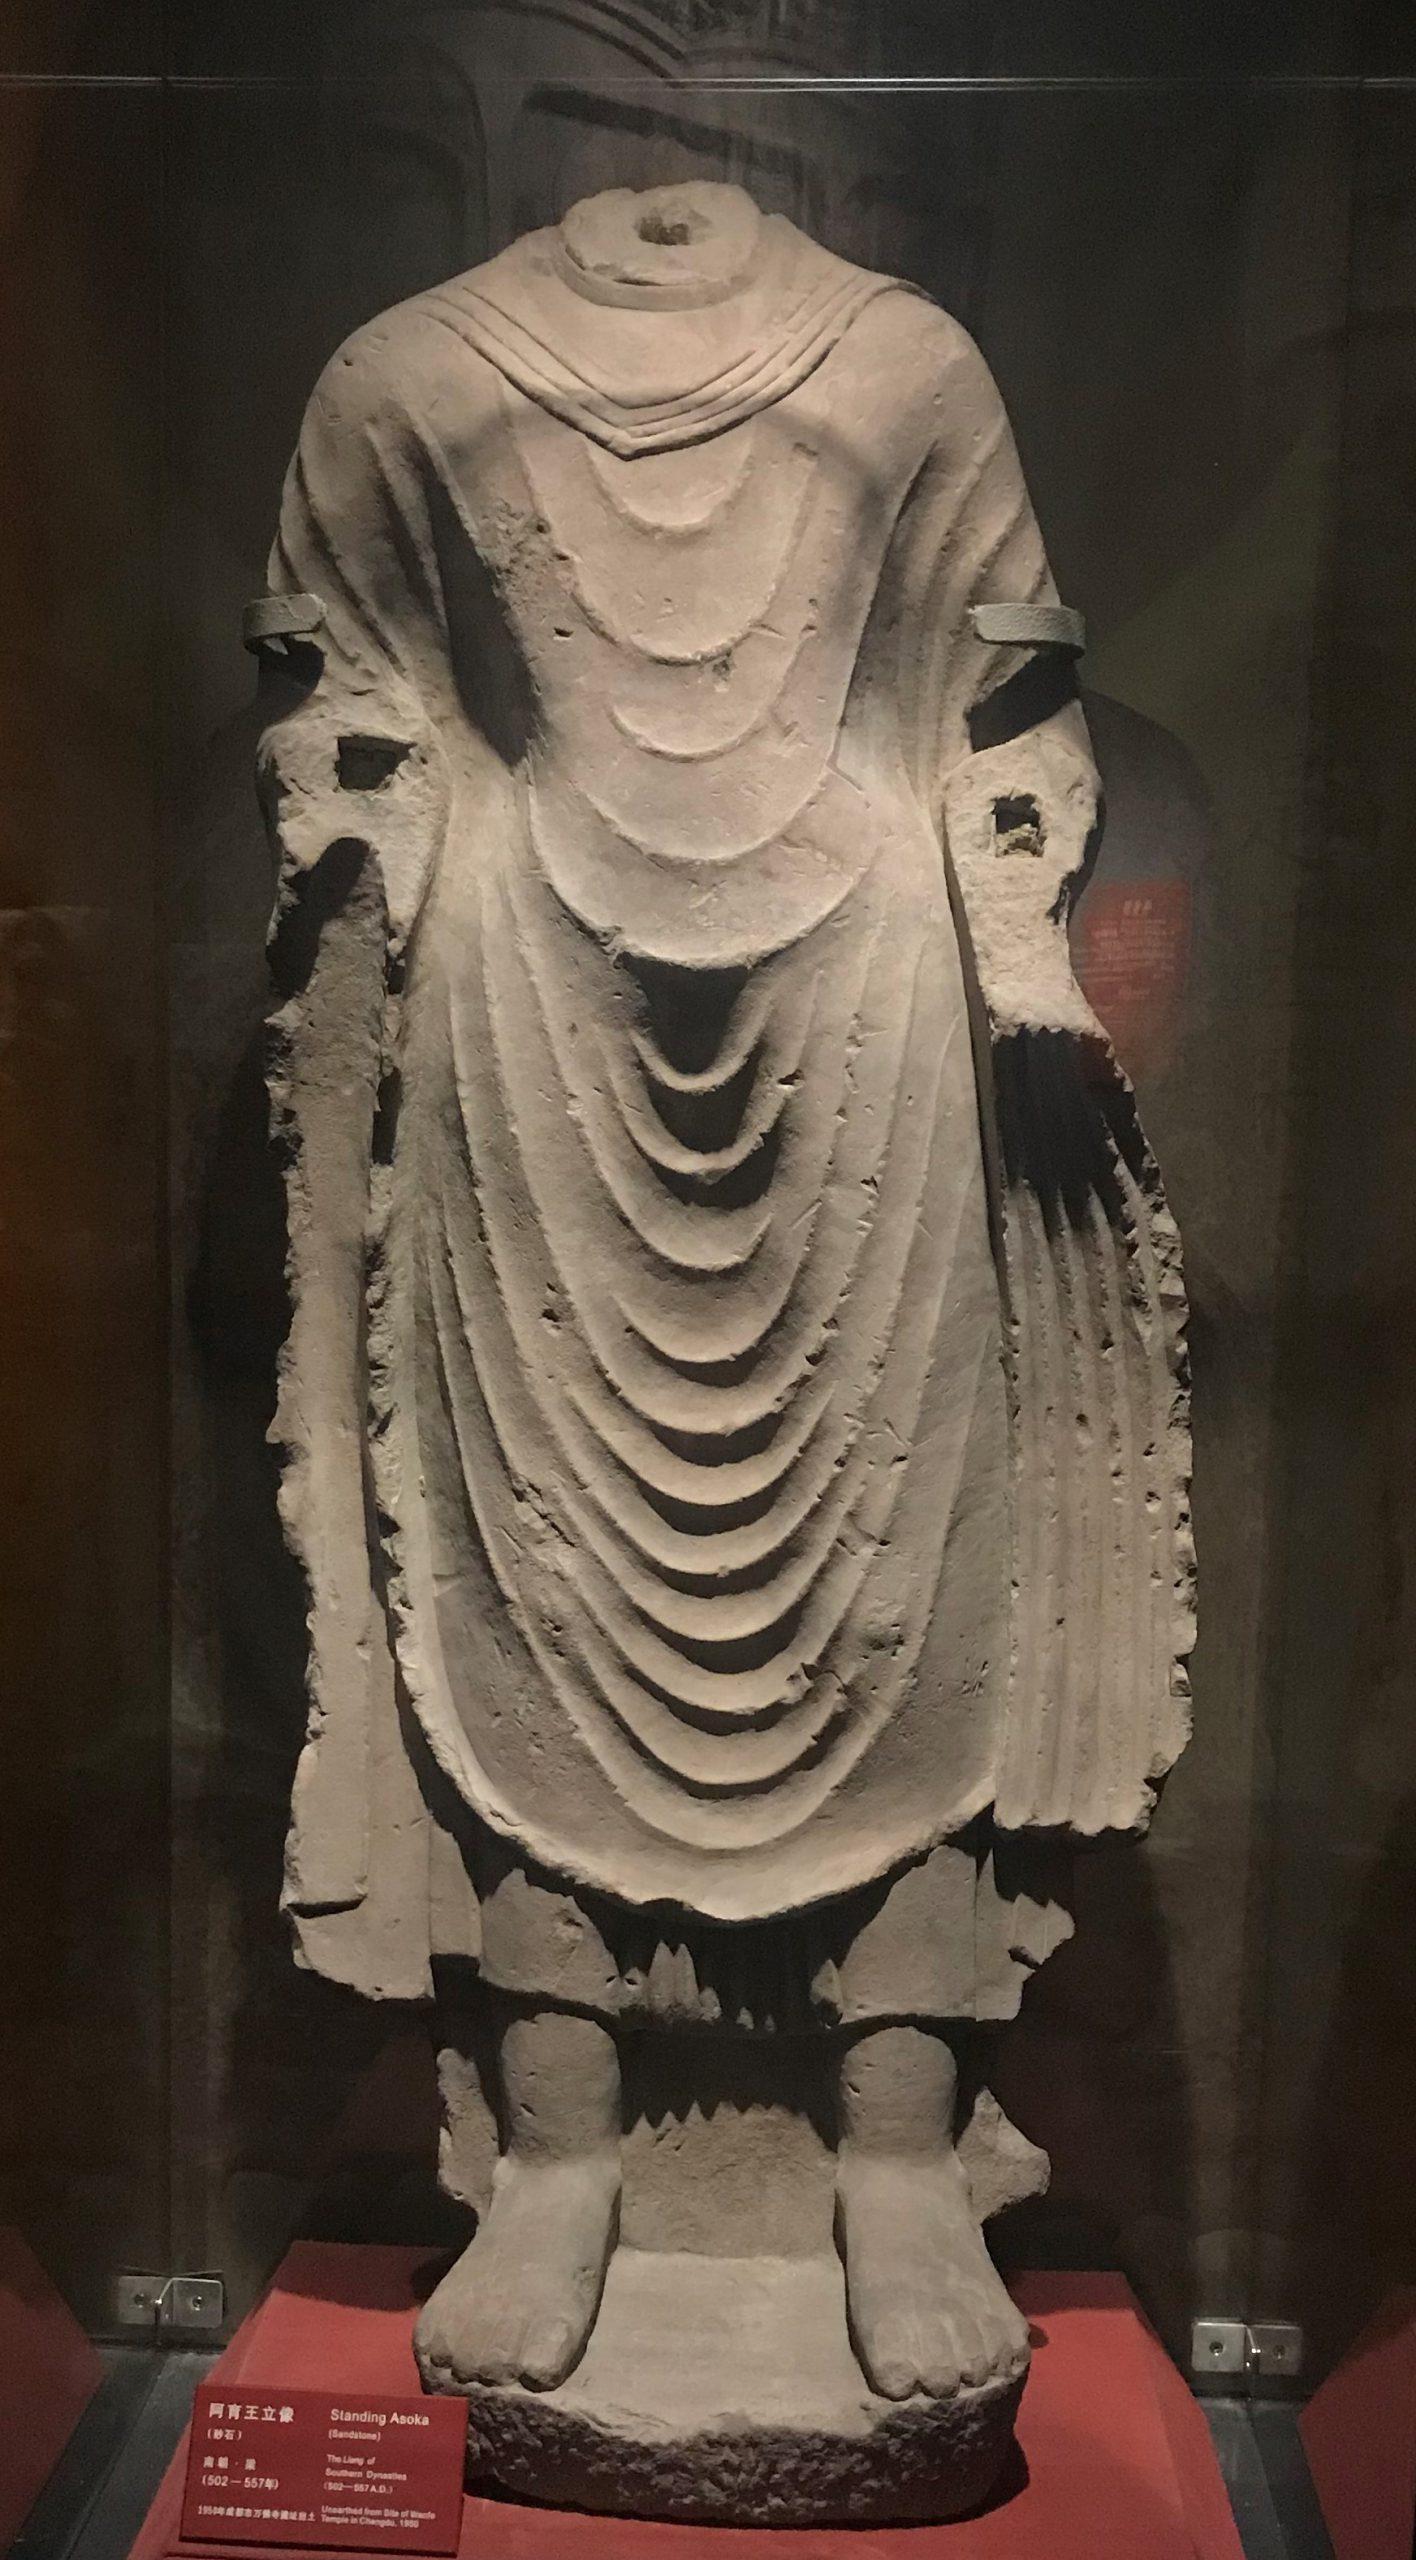 アショーカ立像1-南朝・梁-万仏寺遺跡-四川万仏寺石刻館-四川博物院-成都